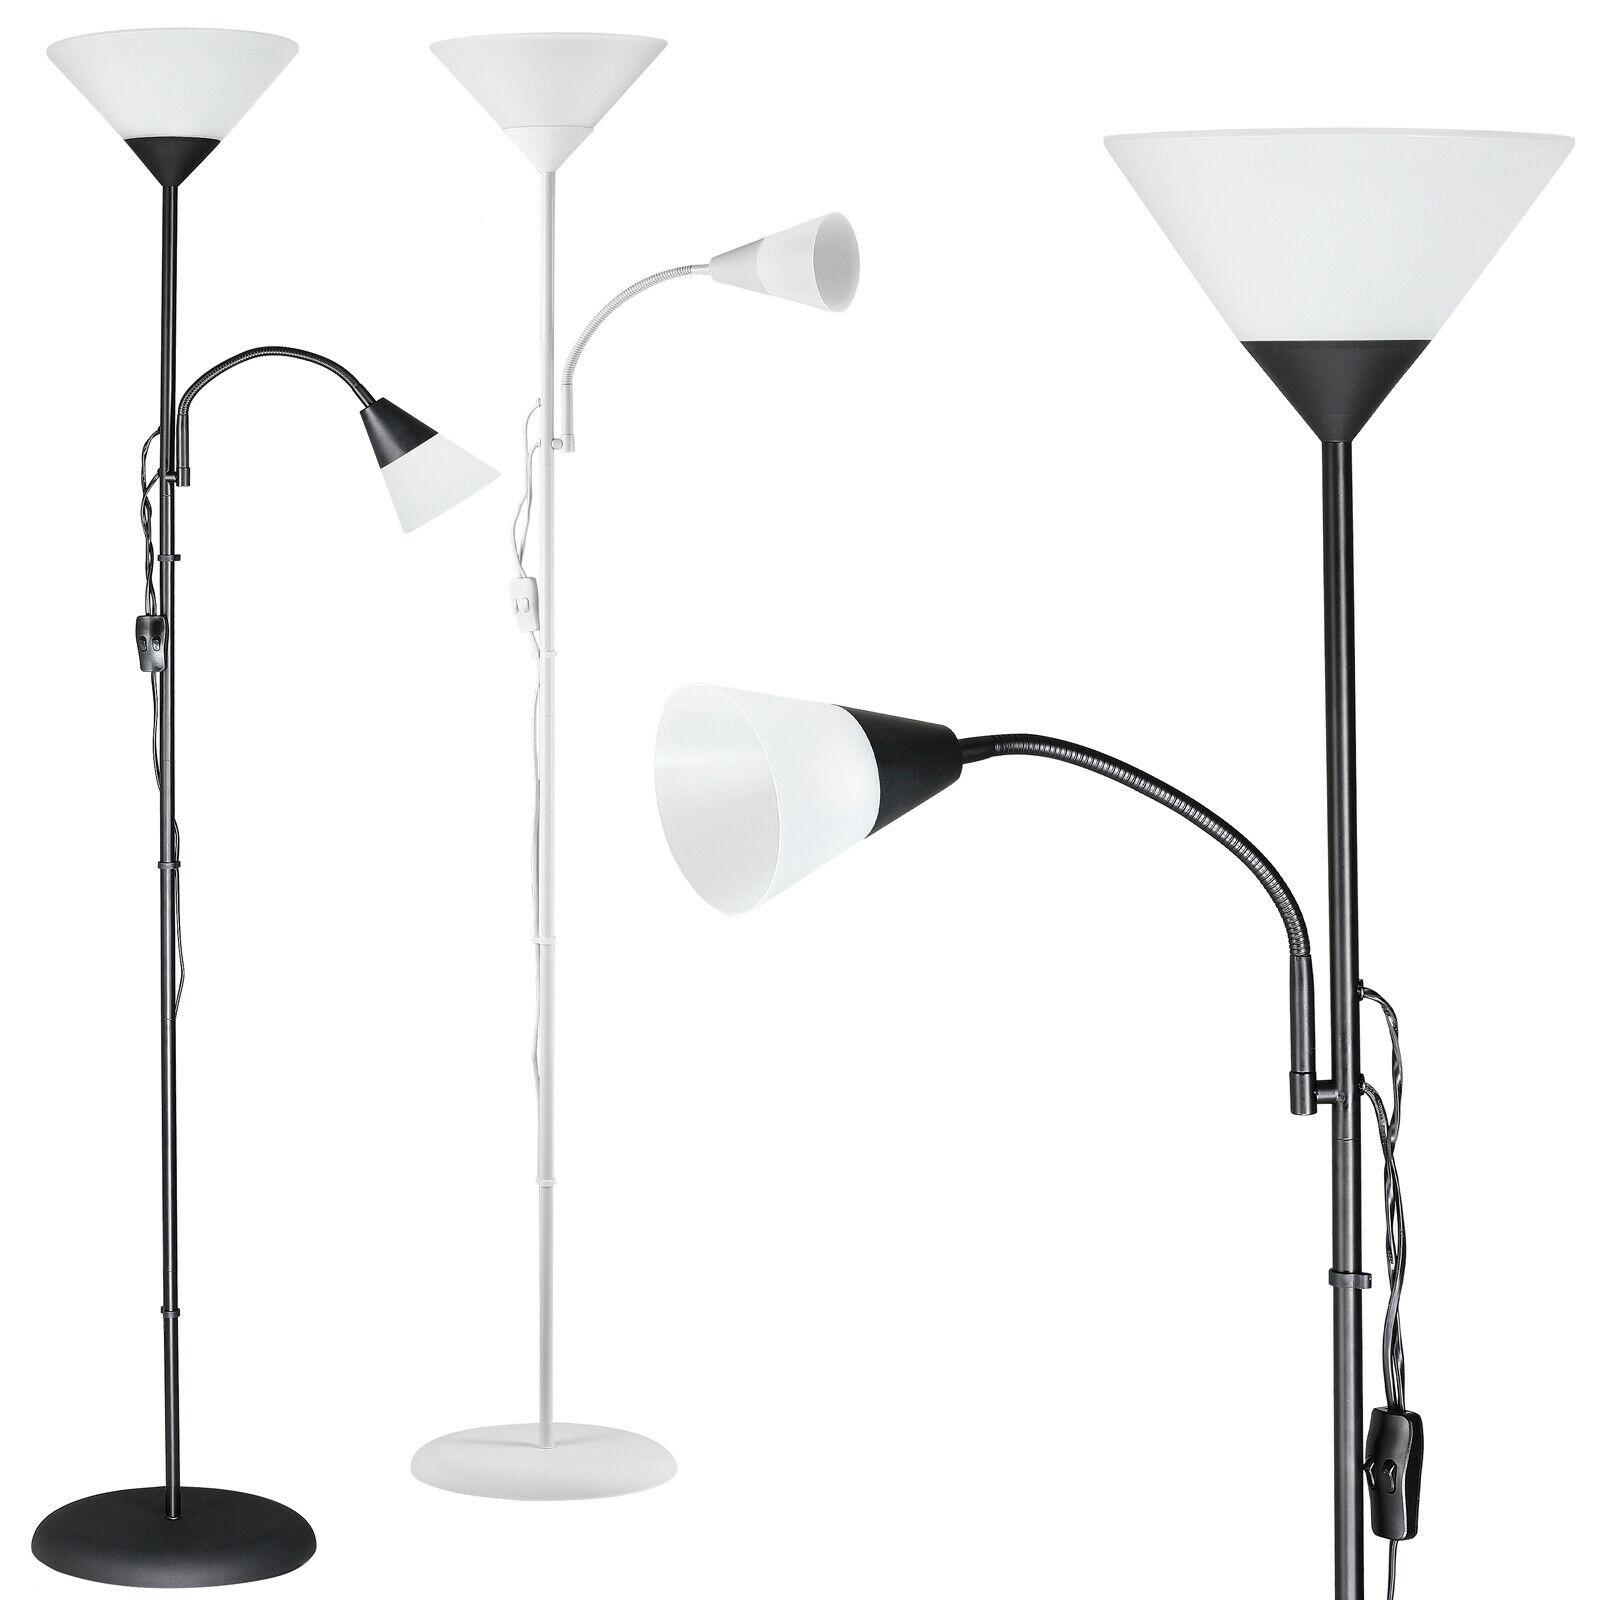 Lampadaire sur pied avec liseuse - Lampe orientable, 175 cm, Blanc